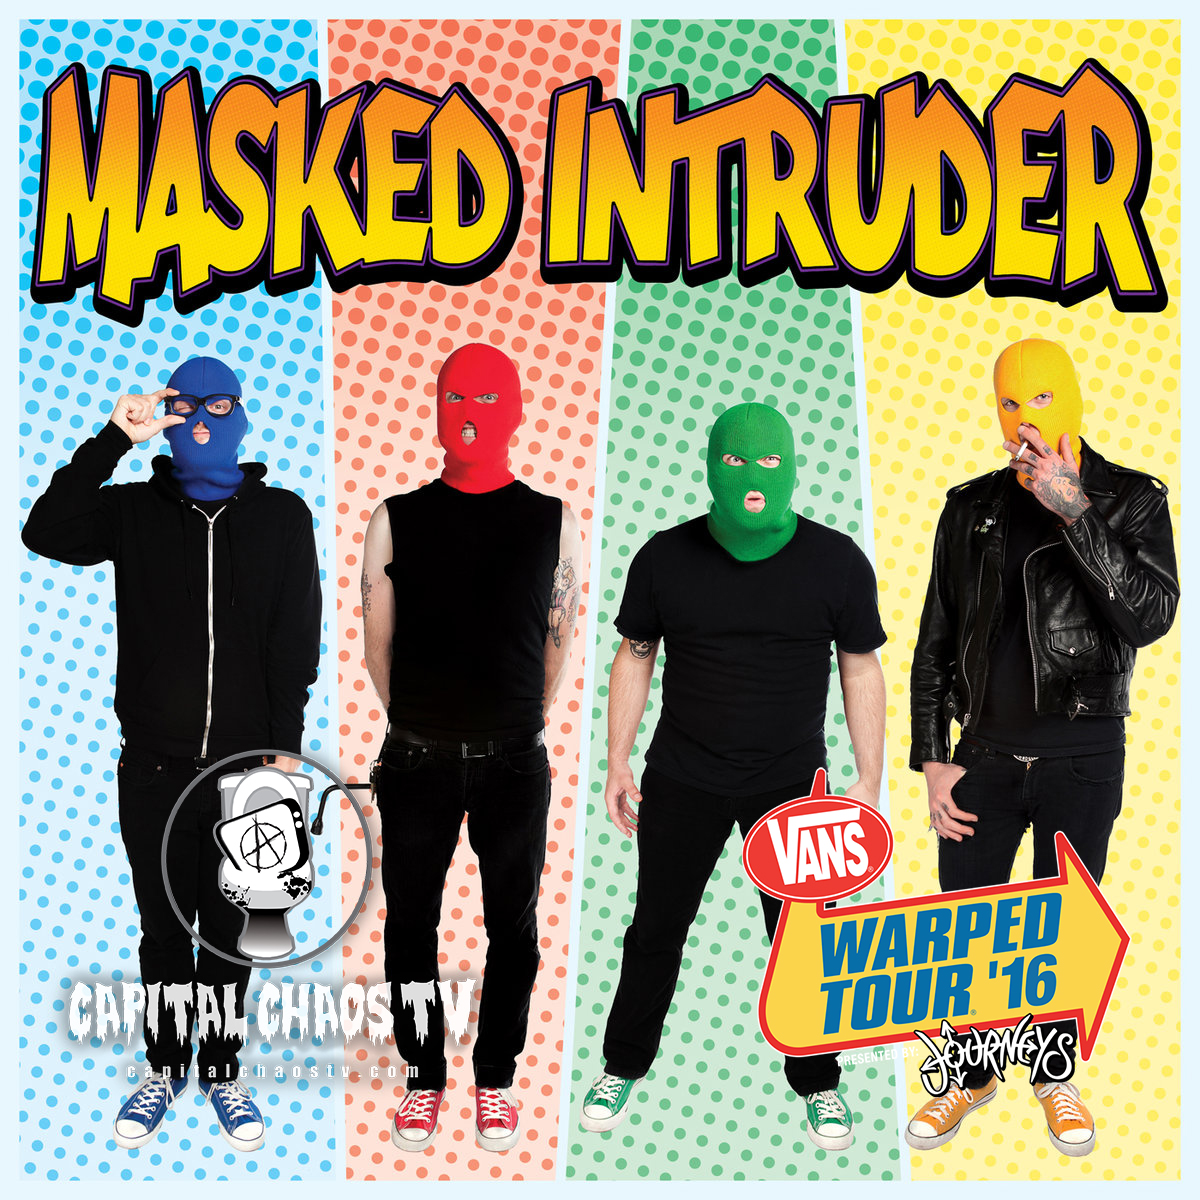 Masked Intruder Interviewed @ Vans Warped Tour216